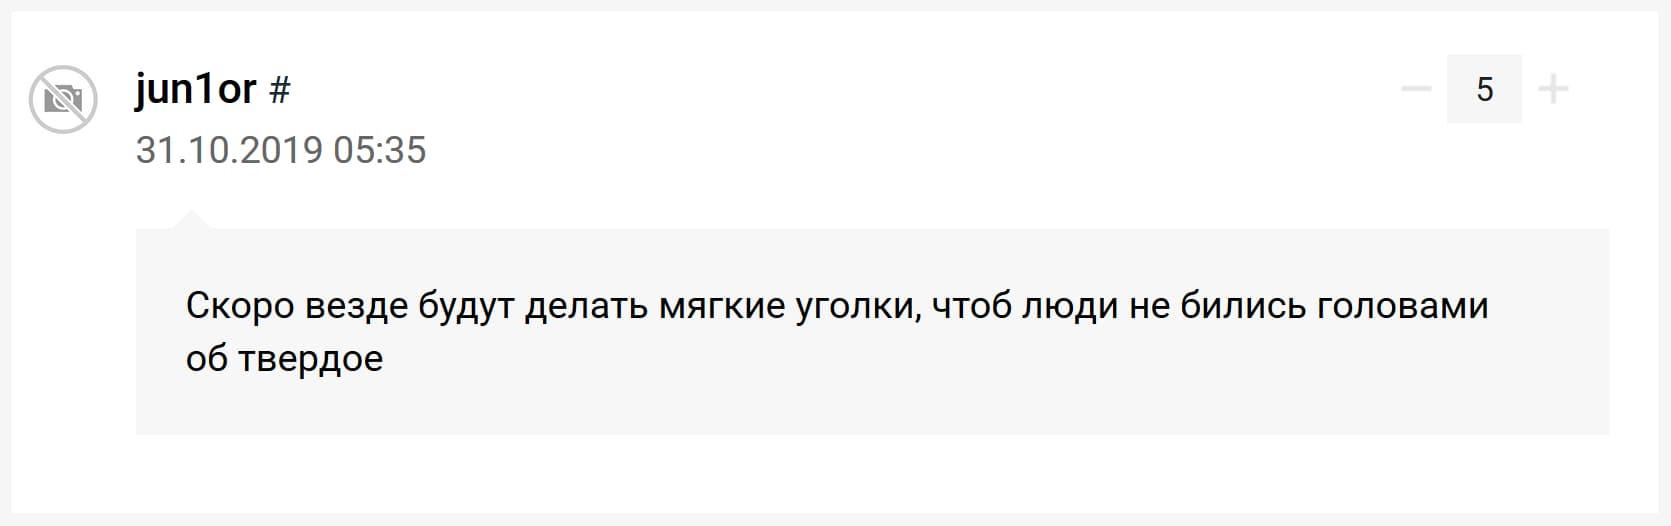 ЭМОДЗИ-ЦЕНЗУРА